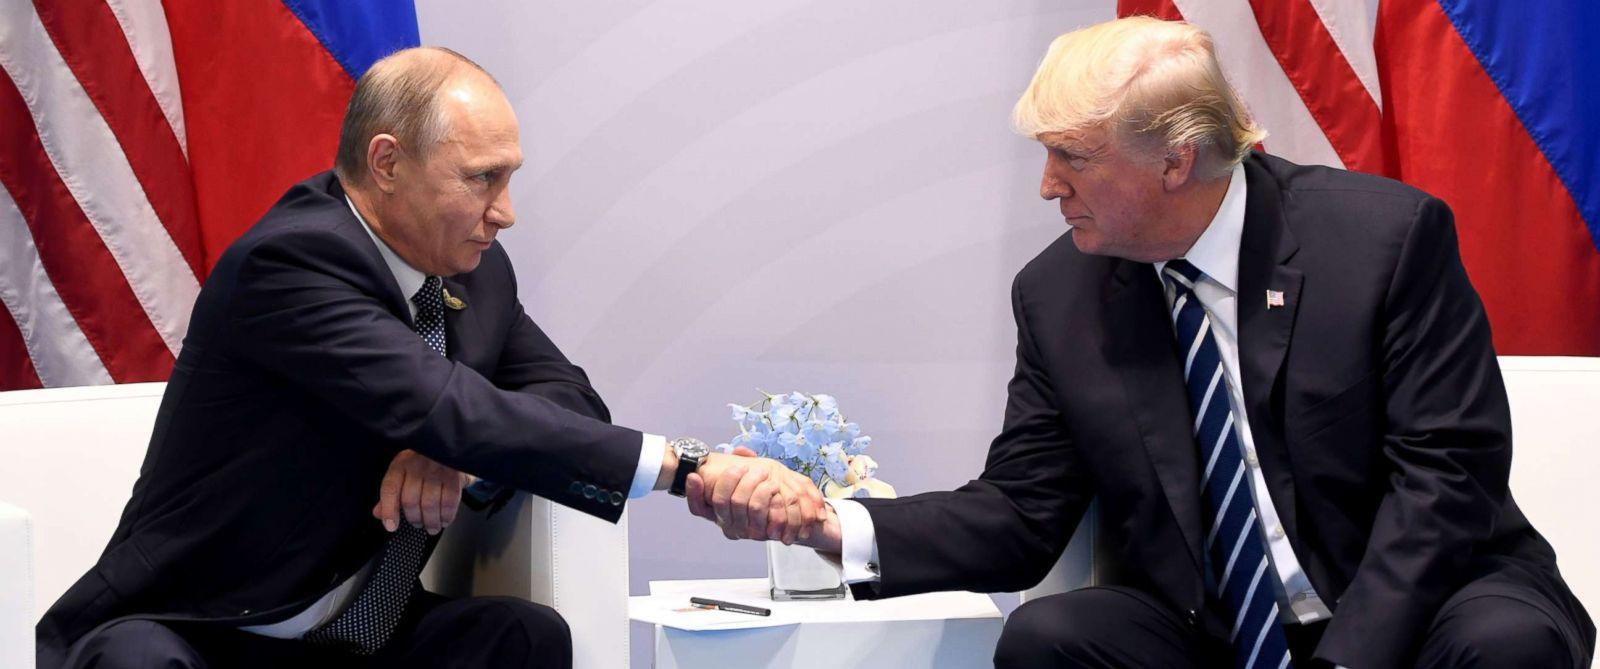 الرئيس الامريكي: آن الأوان للمضي قدماً في التعاون البناء مع روسيا في سوريا